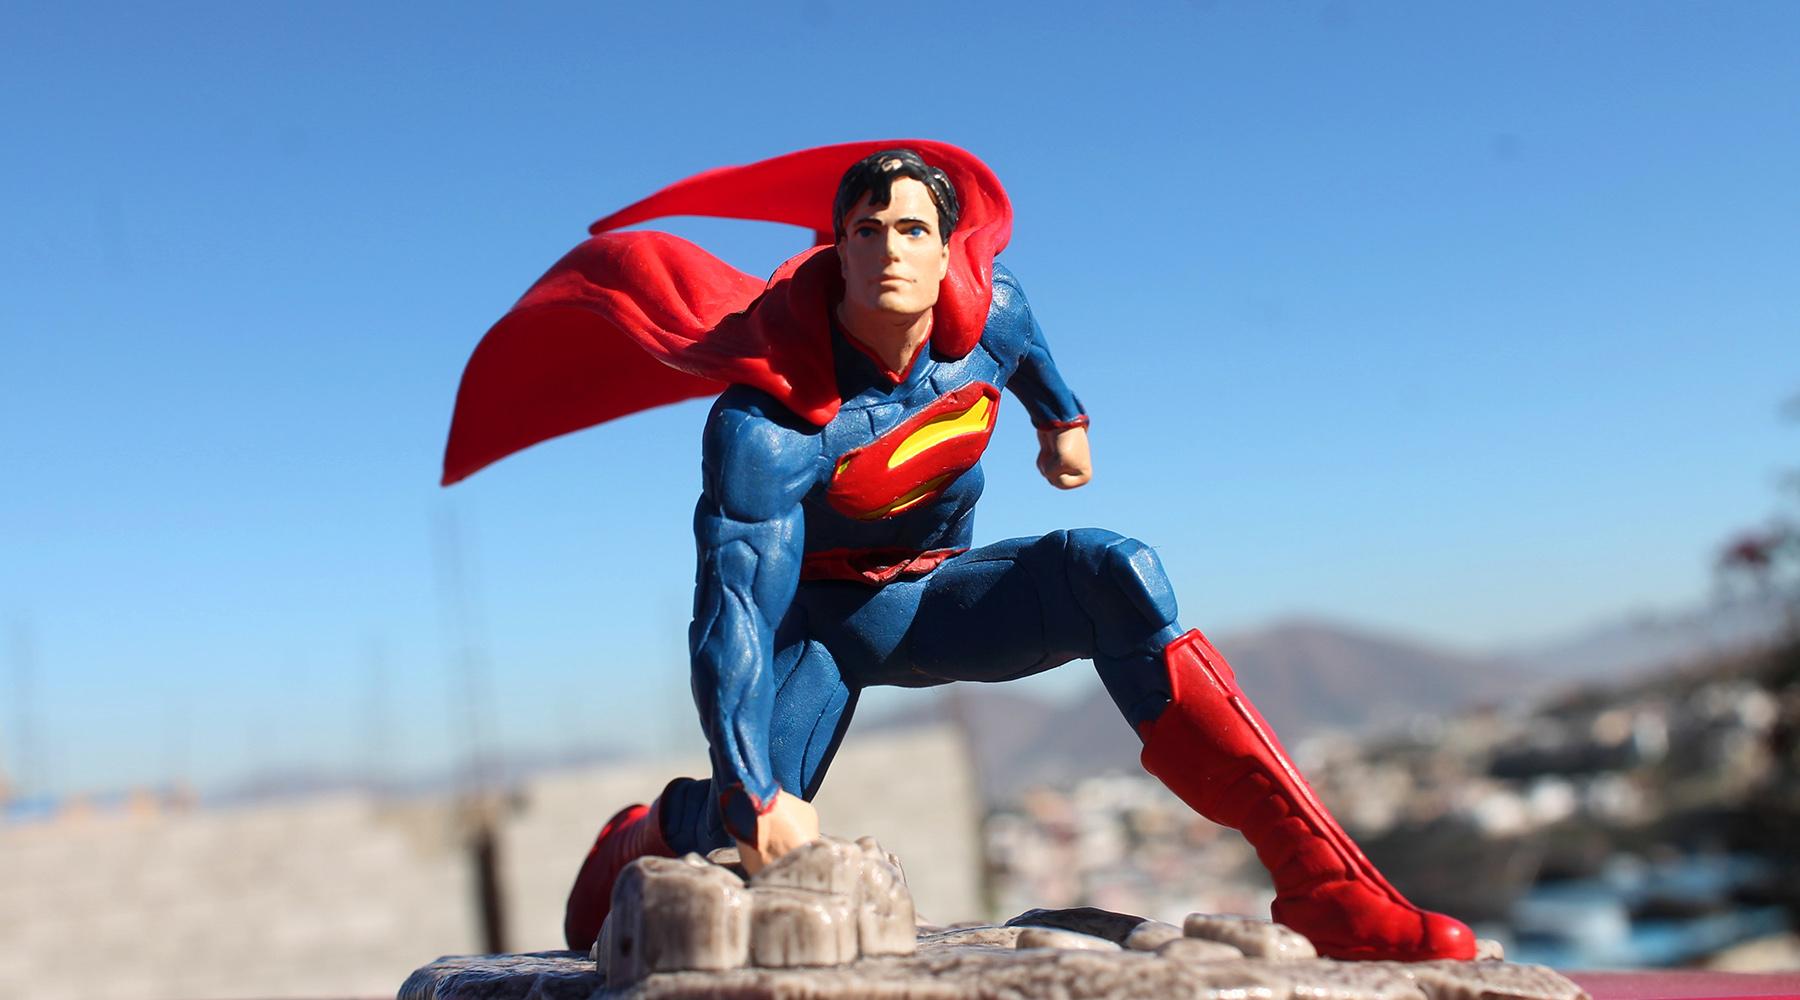 SUPERMAN : DC COMICS ÉTABLIT QUE LE PERSONNAGE CROIT EN DIEU